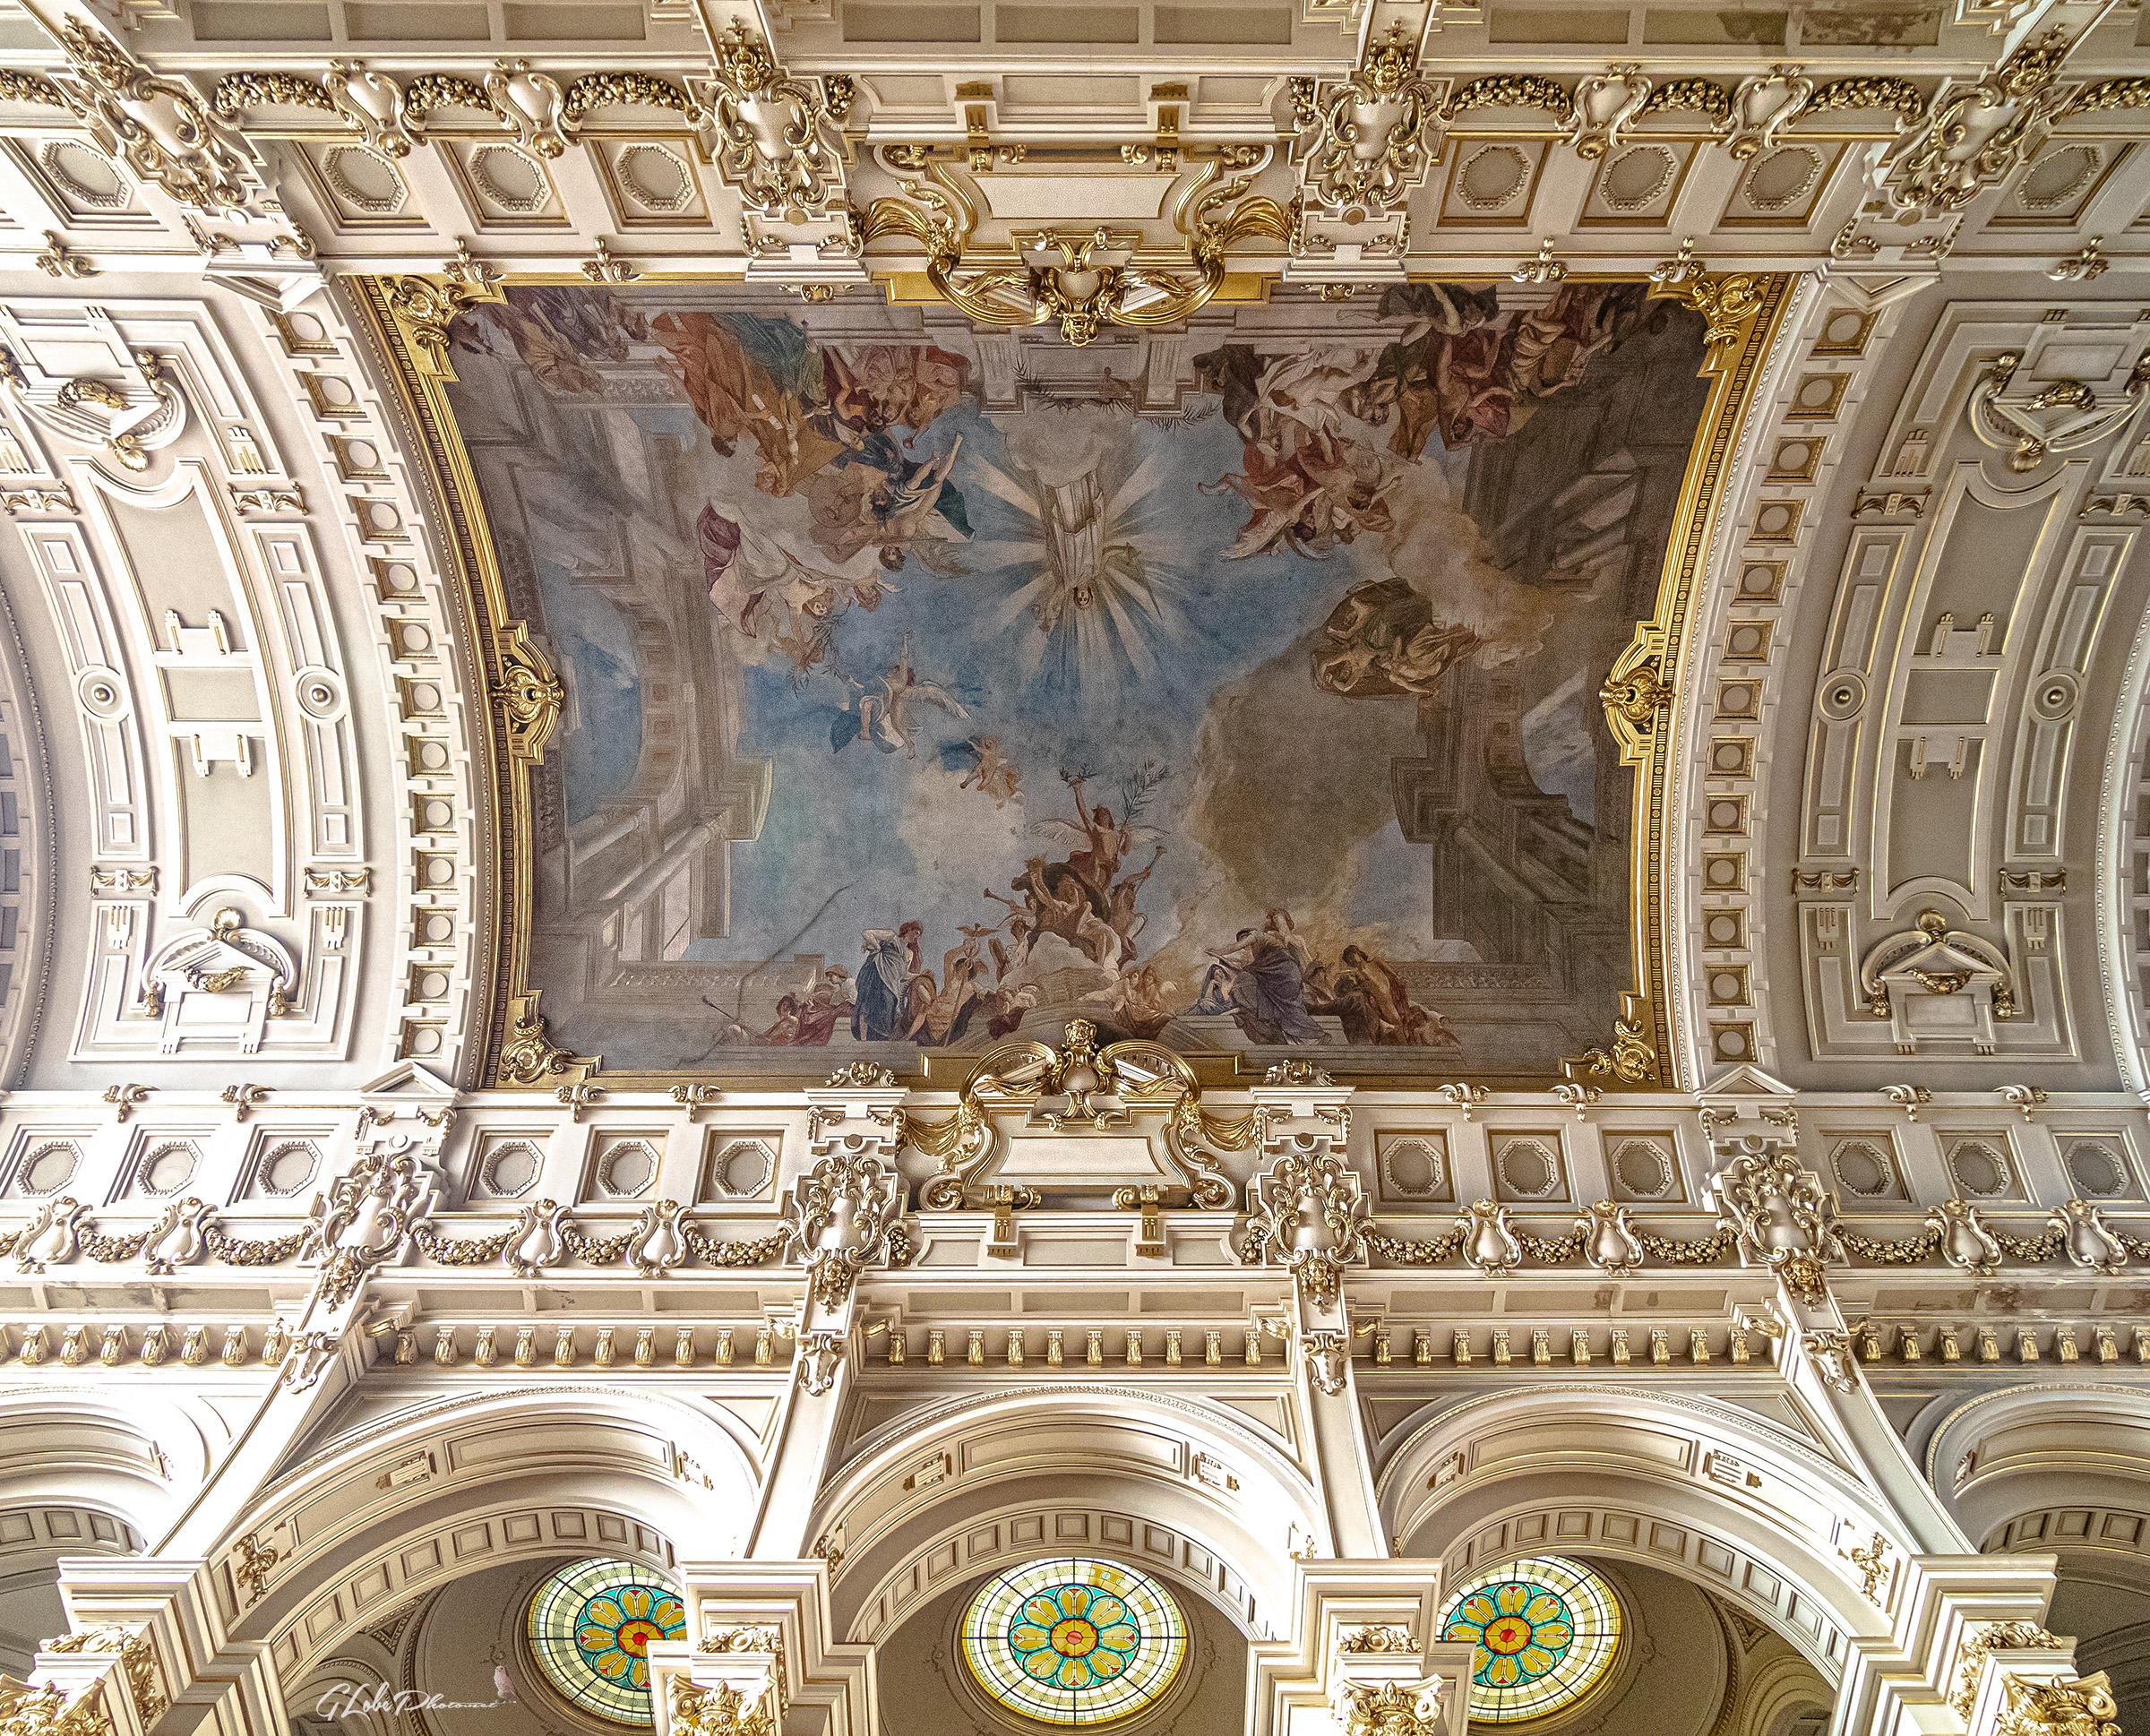 Lotz Károly: Justitita Diadala mennyezeti freskó